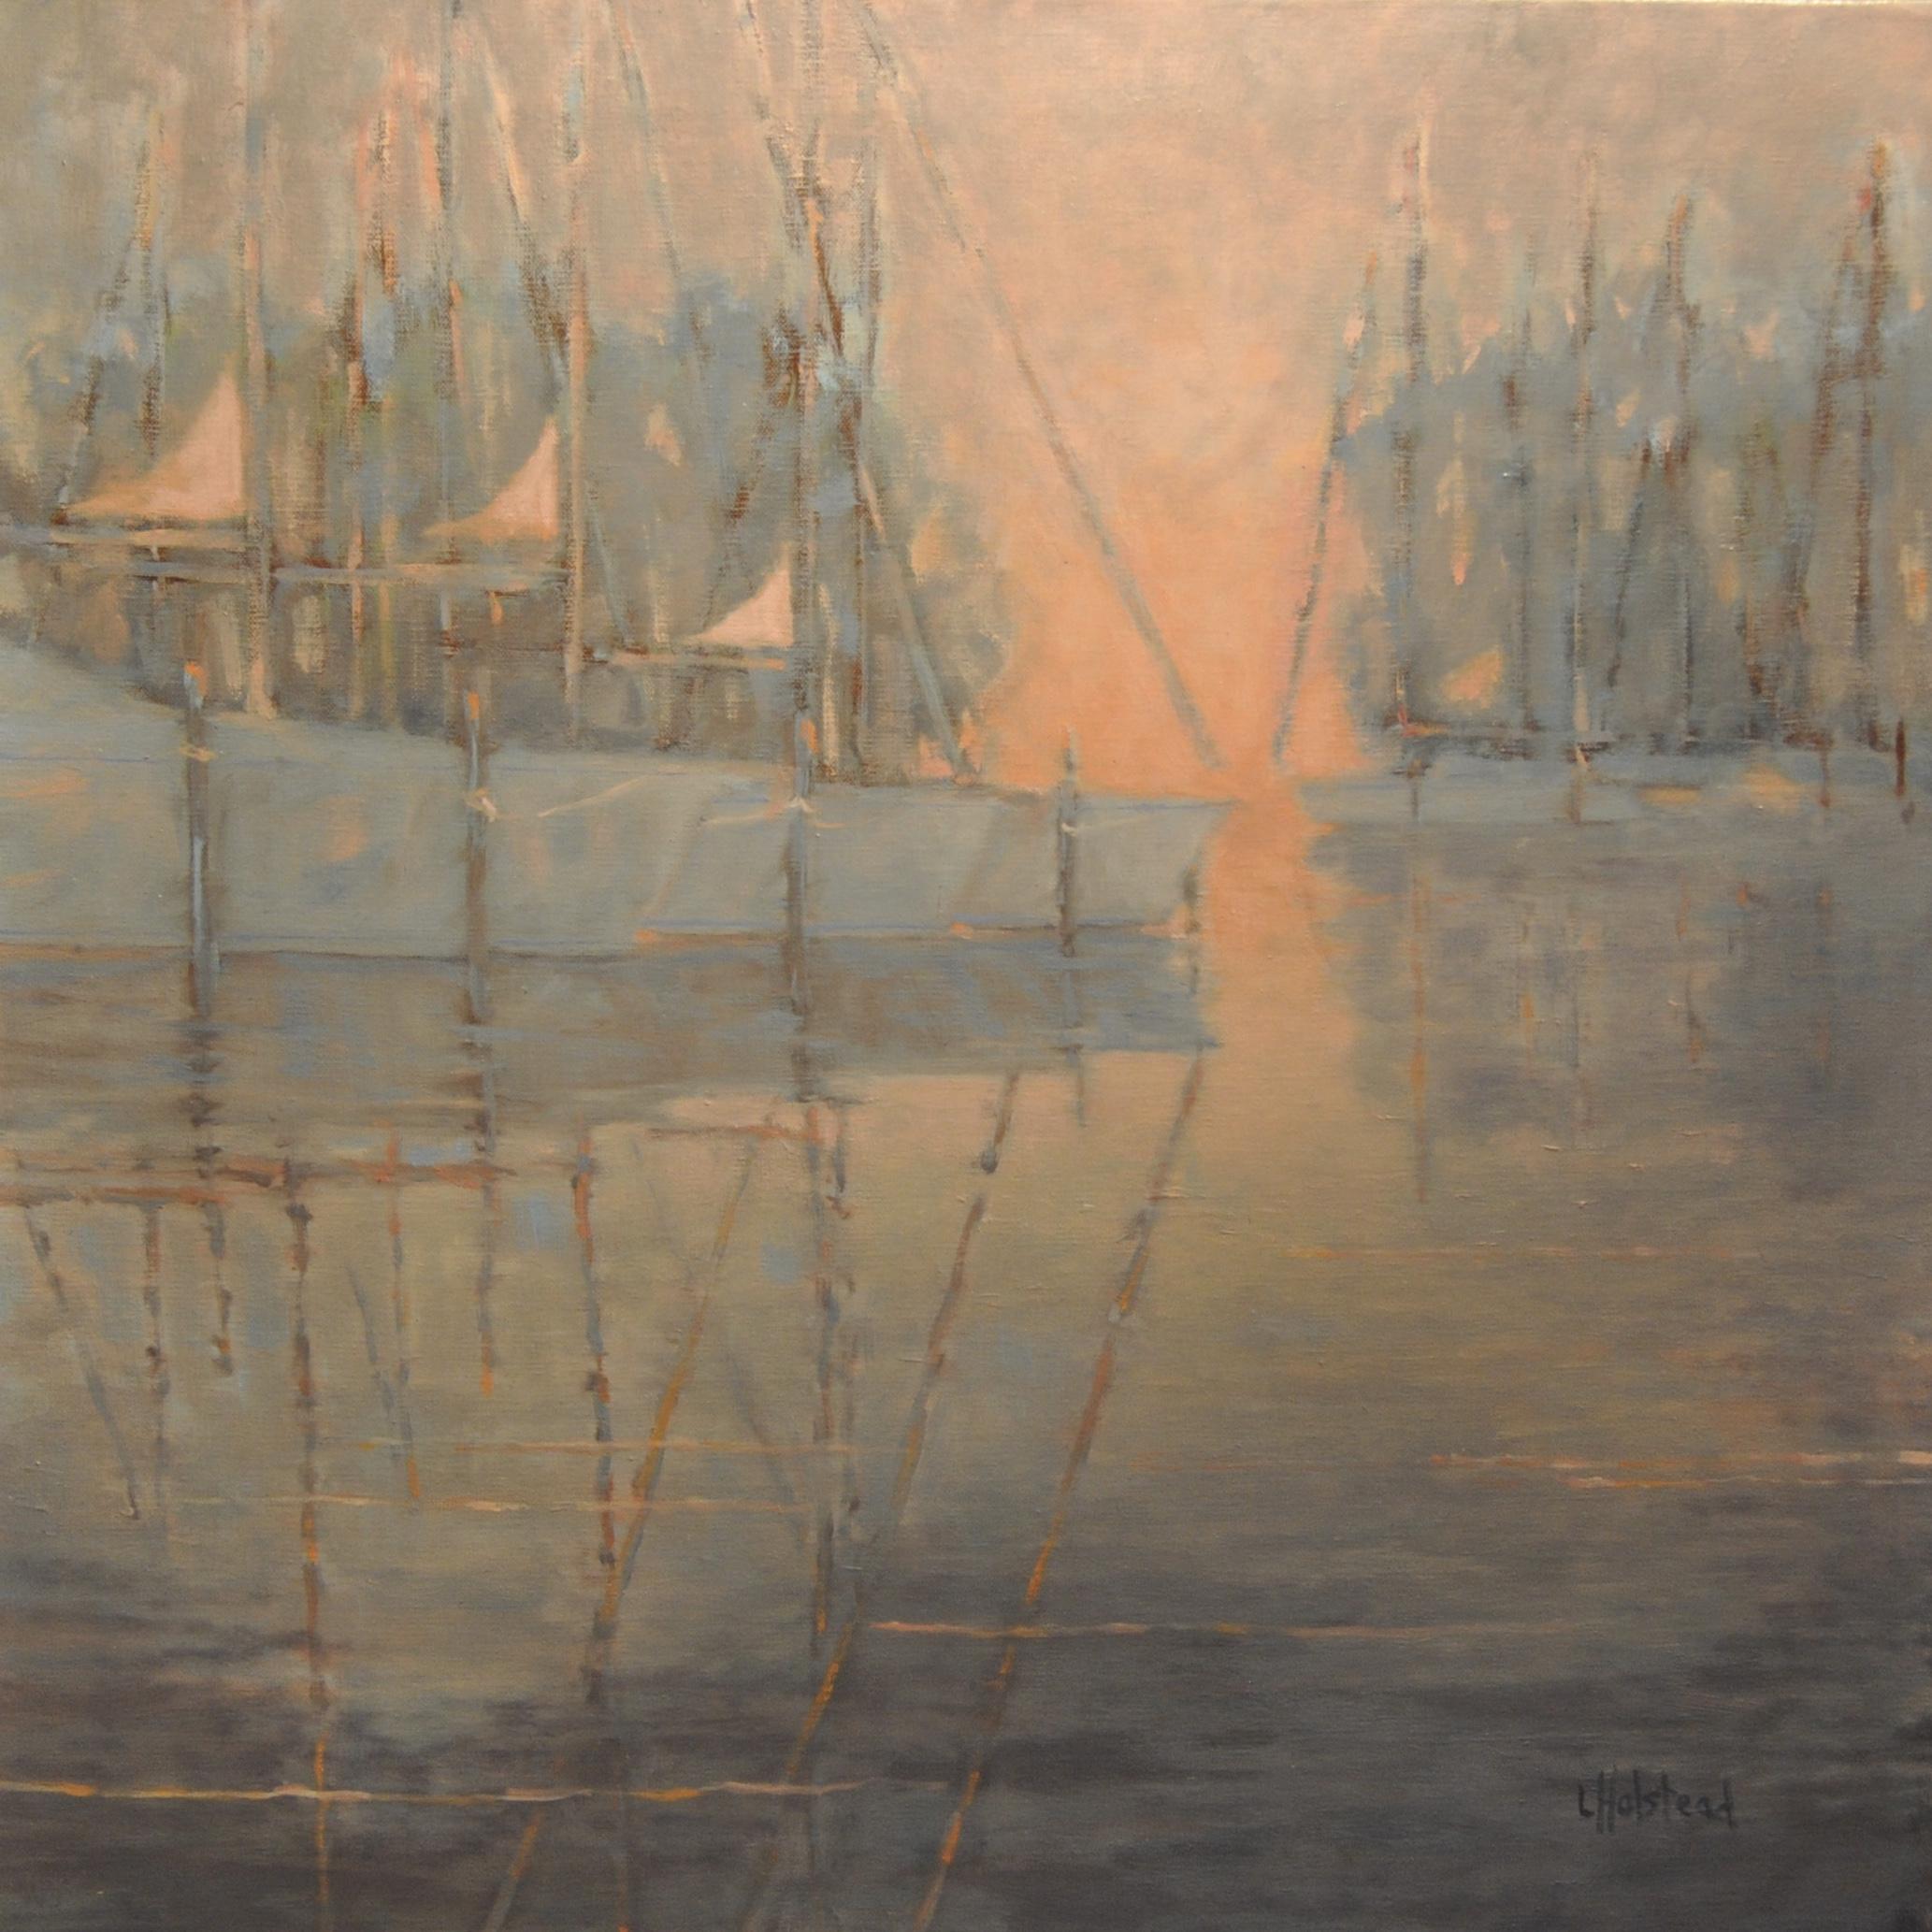 Last Light, Oil on Linen, 20 x 20, available